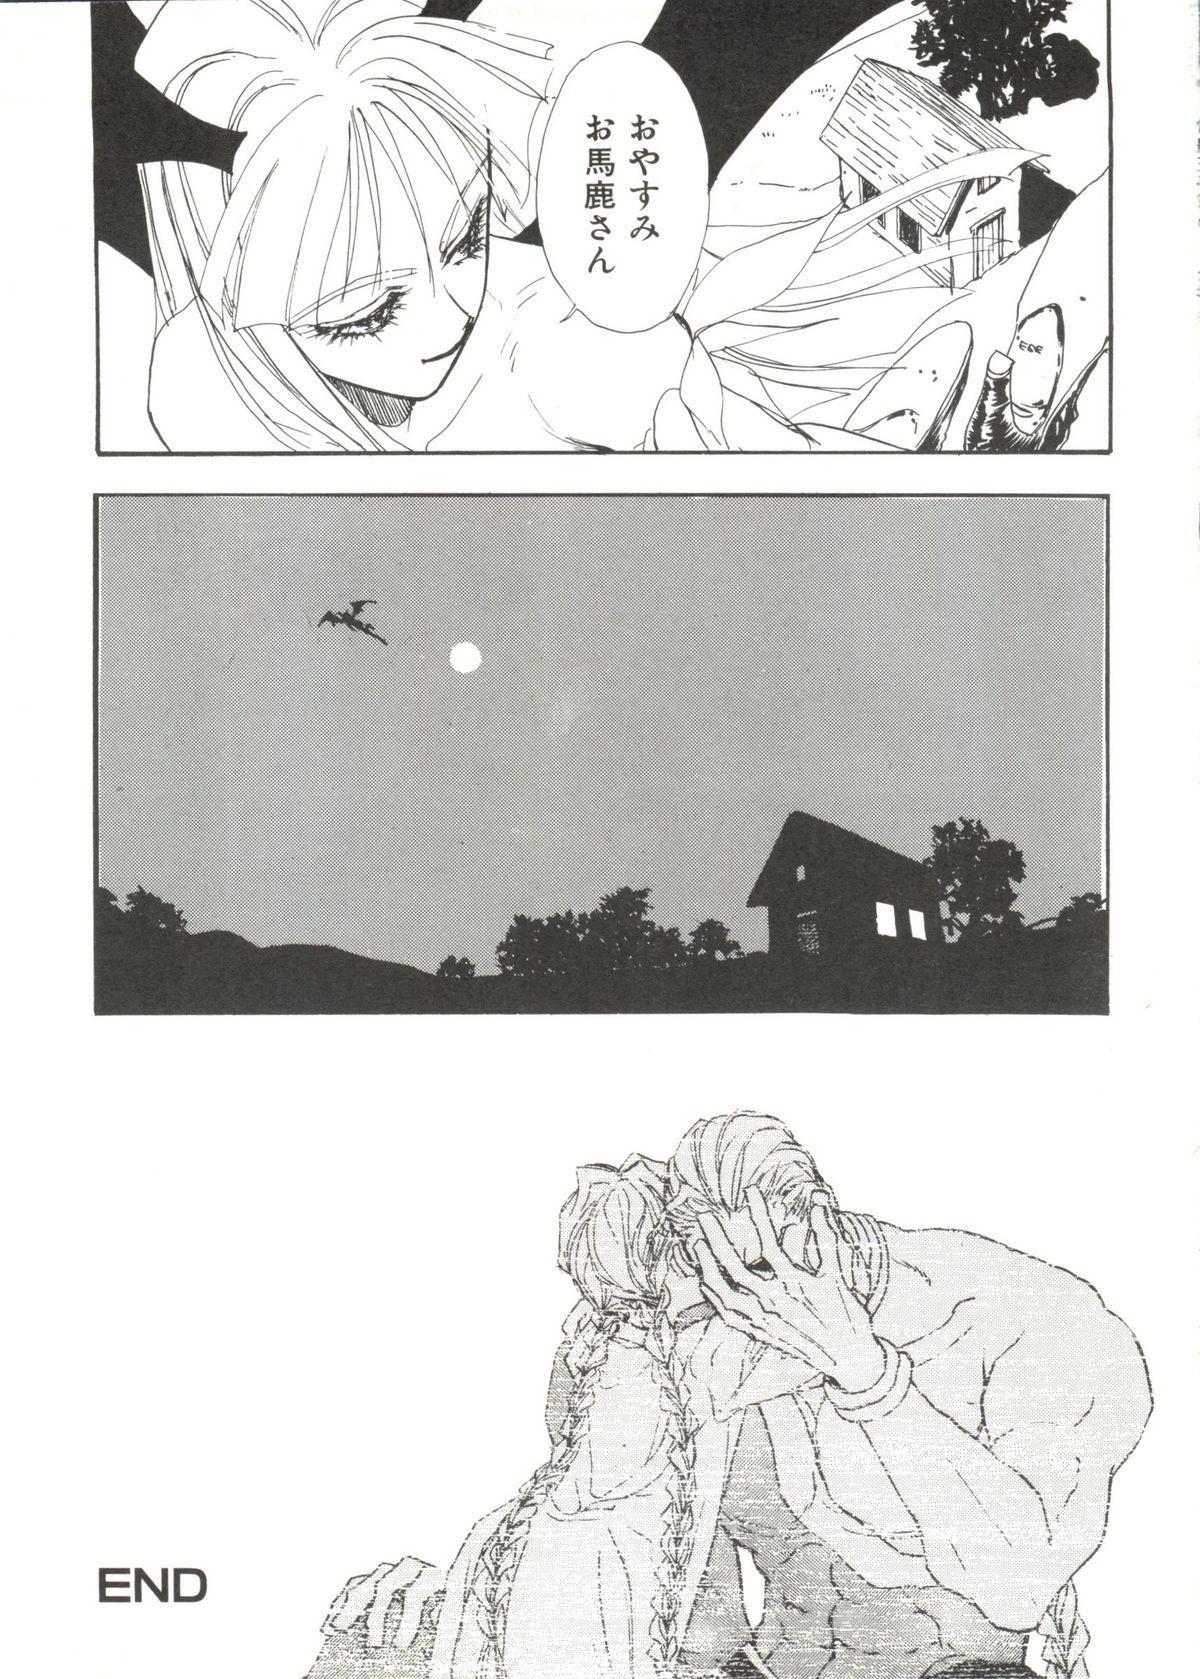 Denei Tamate Bako Bishoujo Doujinshi Anthology Vol. 2 - Nishinhou no Tenshi 82